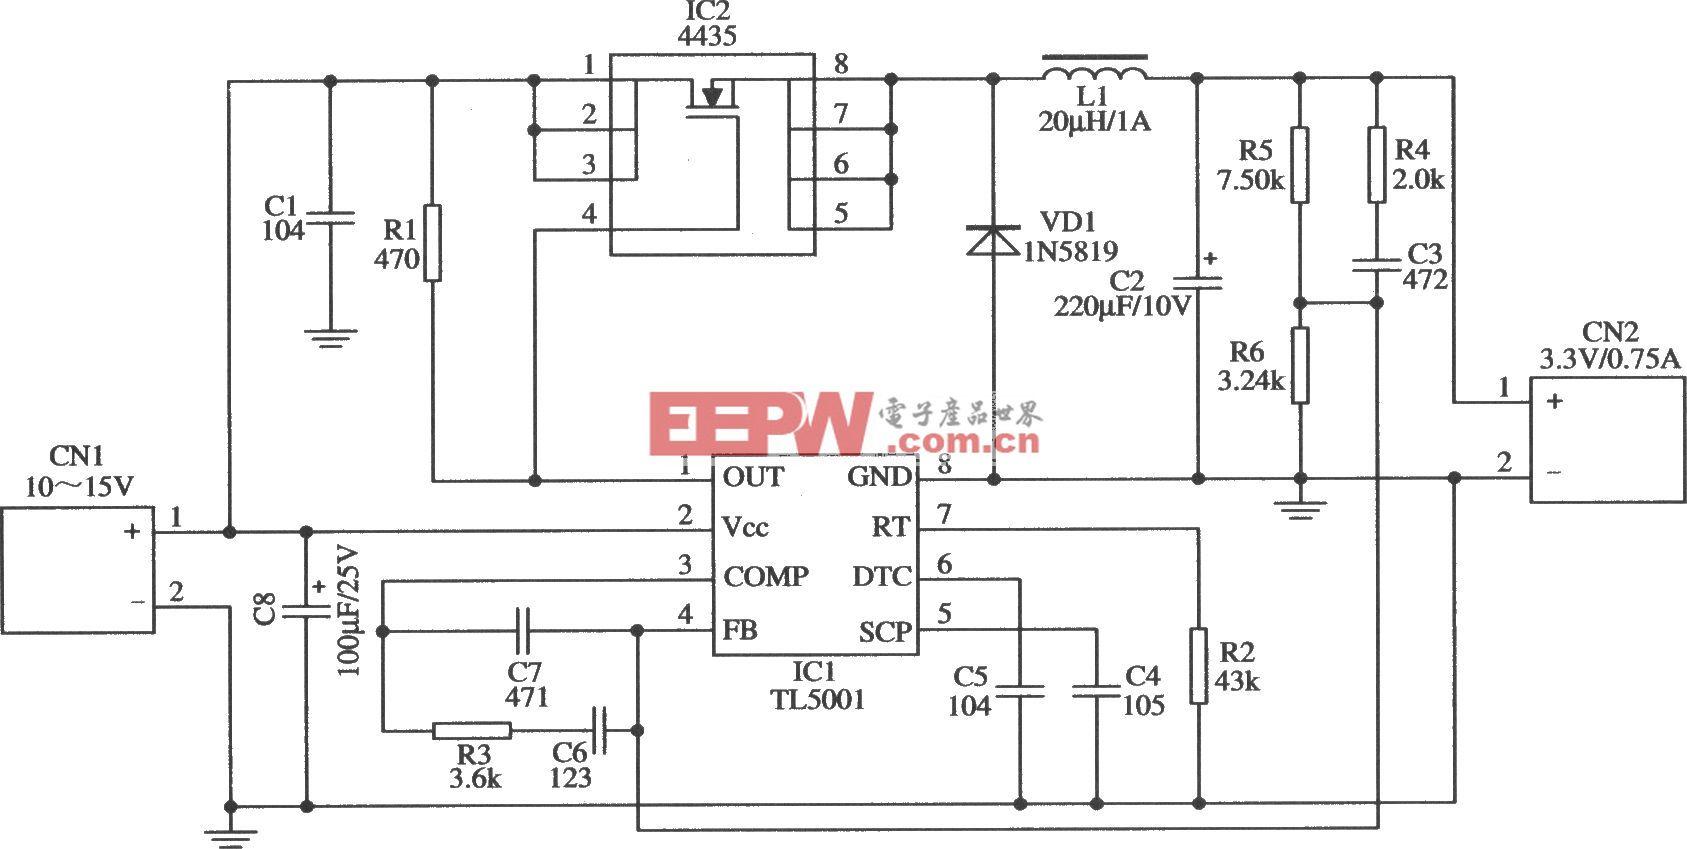 TL5001构成输入5V、输出3.3V/0.75A的开关稳压器应用电路